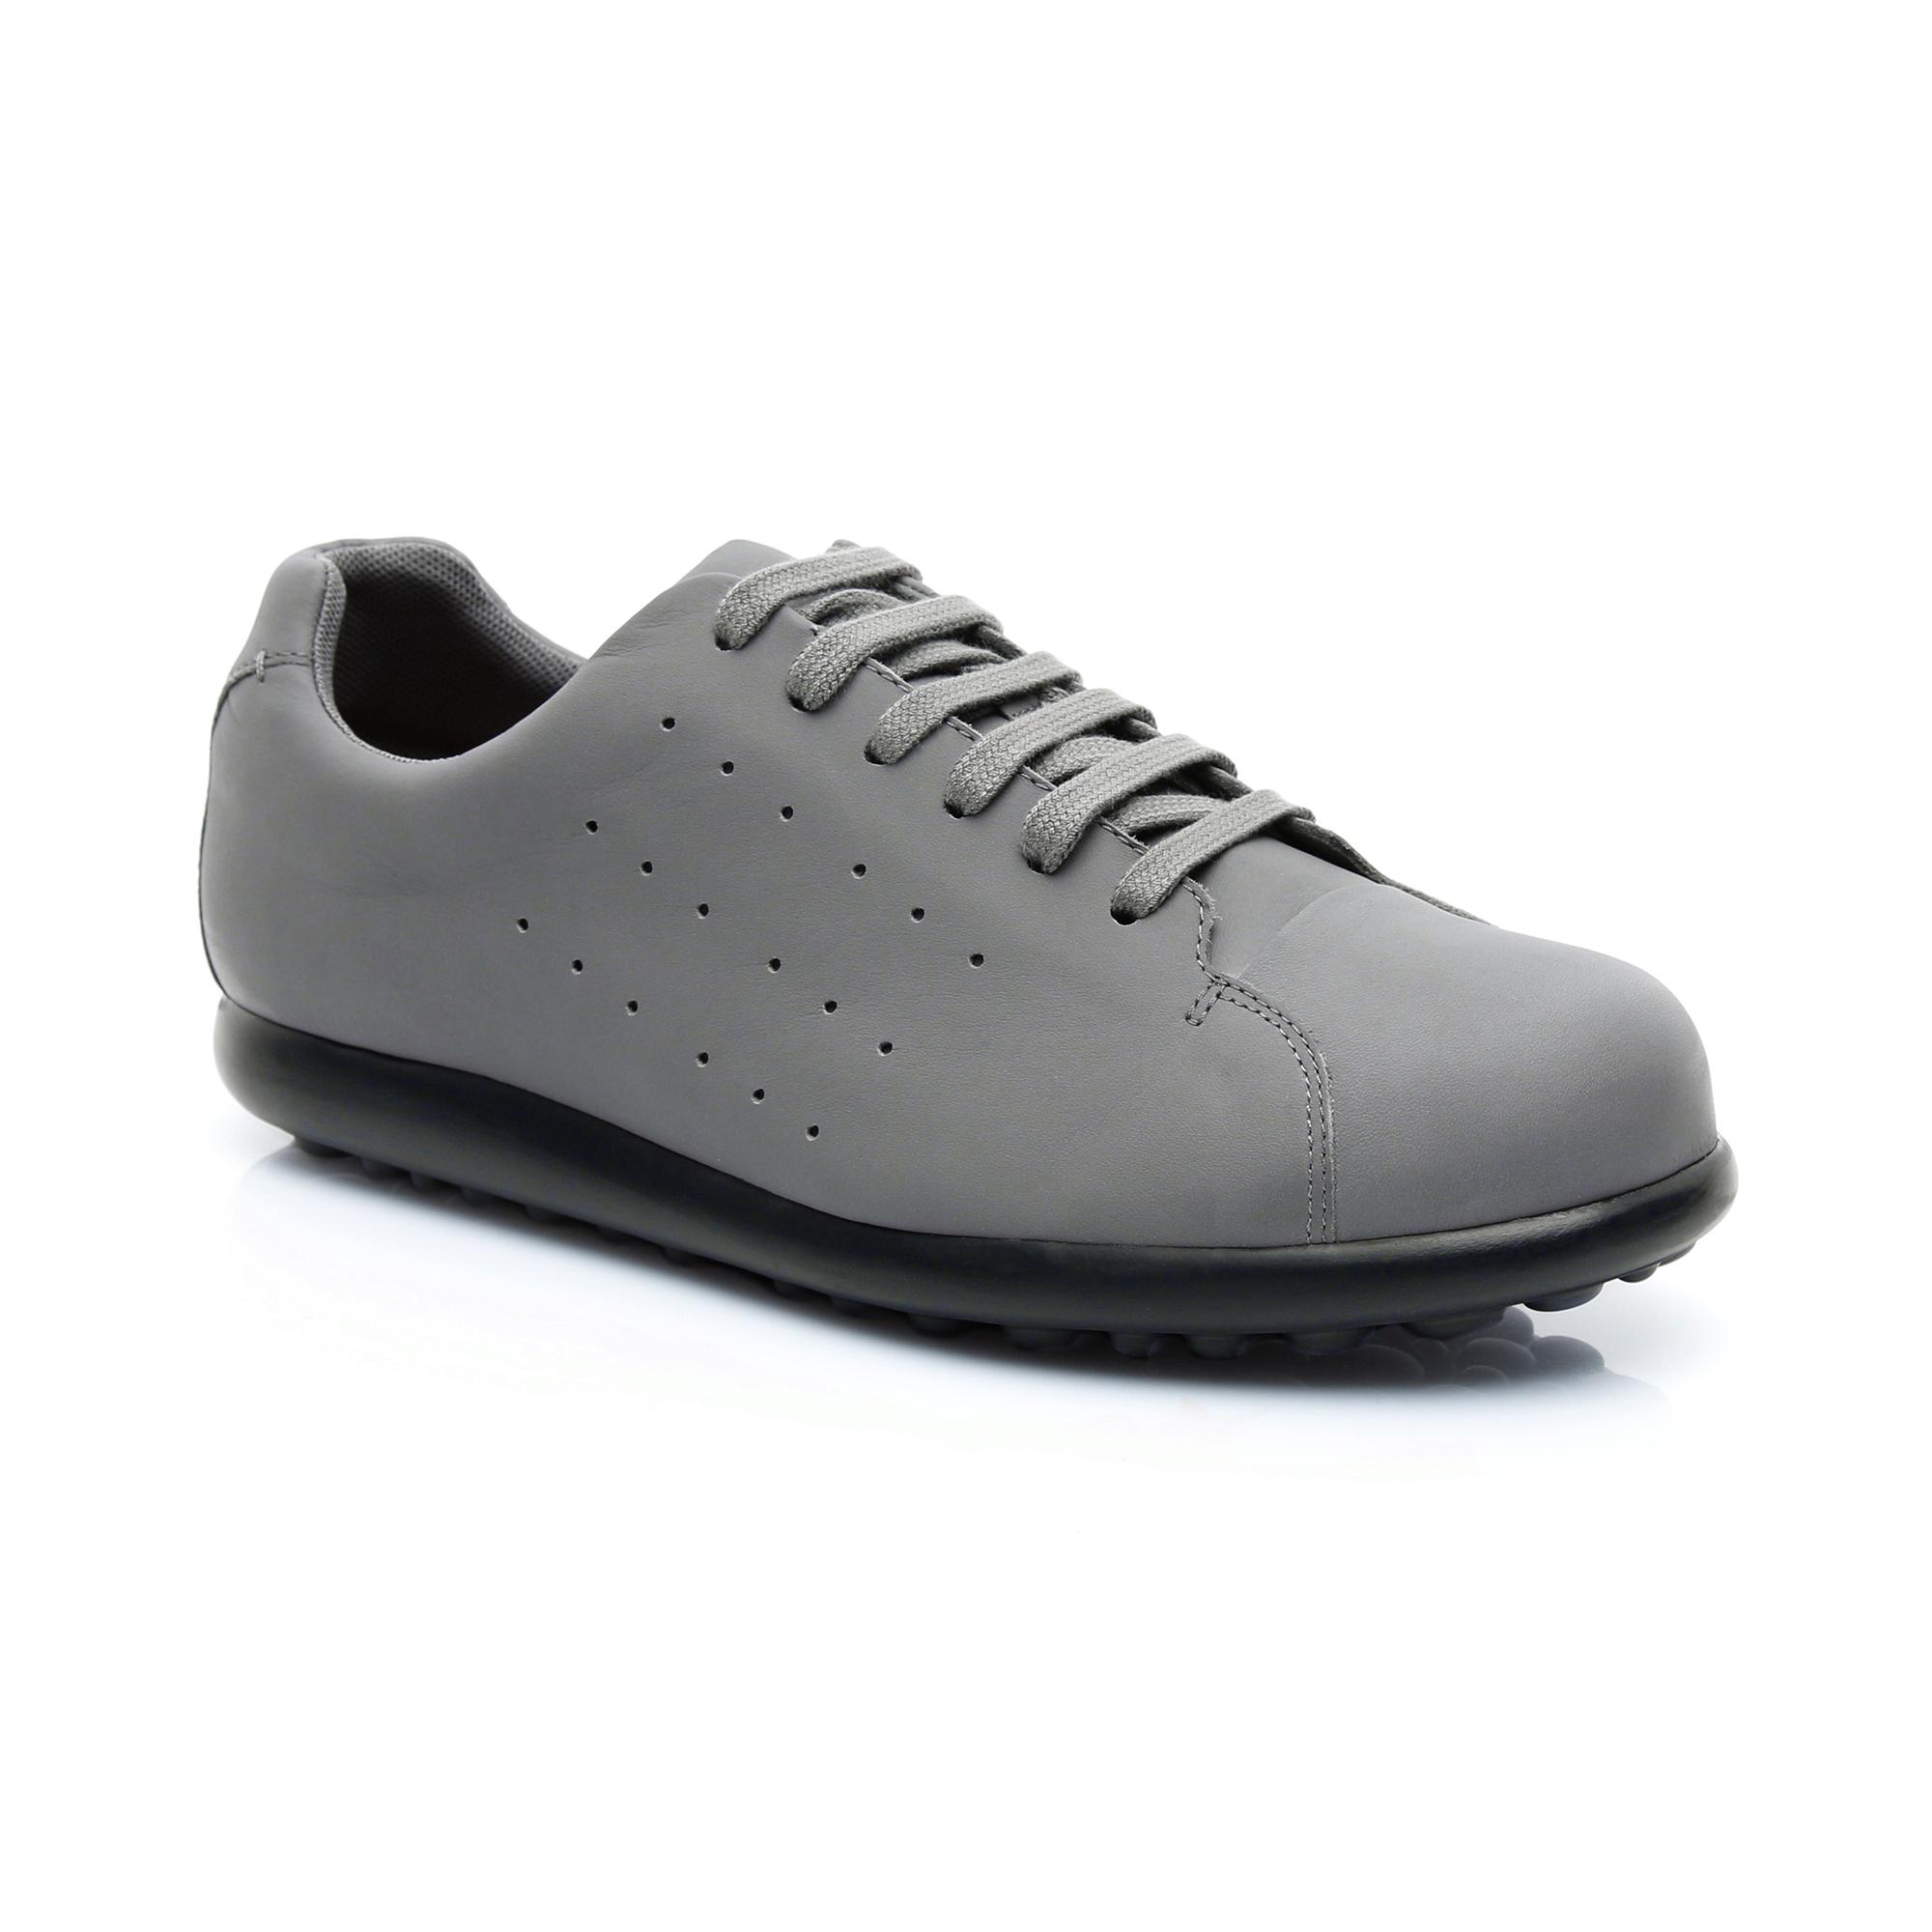 Camper Pelotas XL Gri Erkek Günlük Ayakkabı